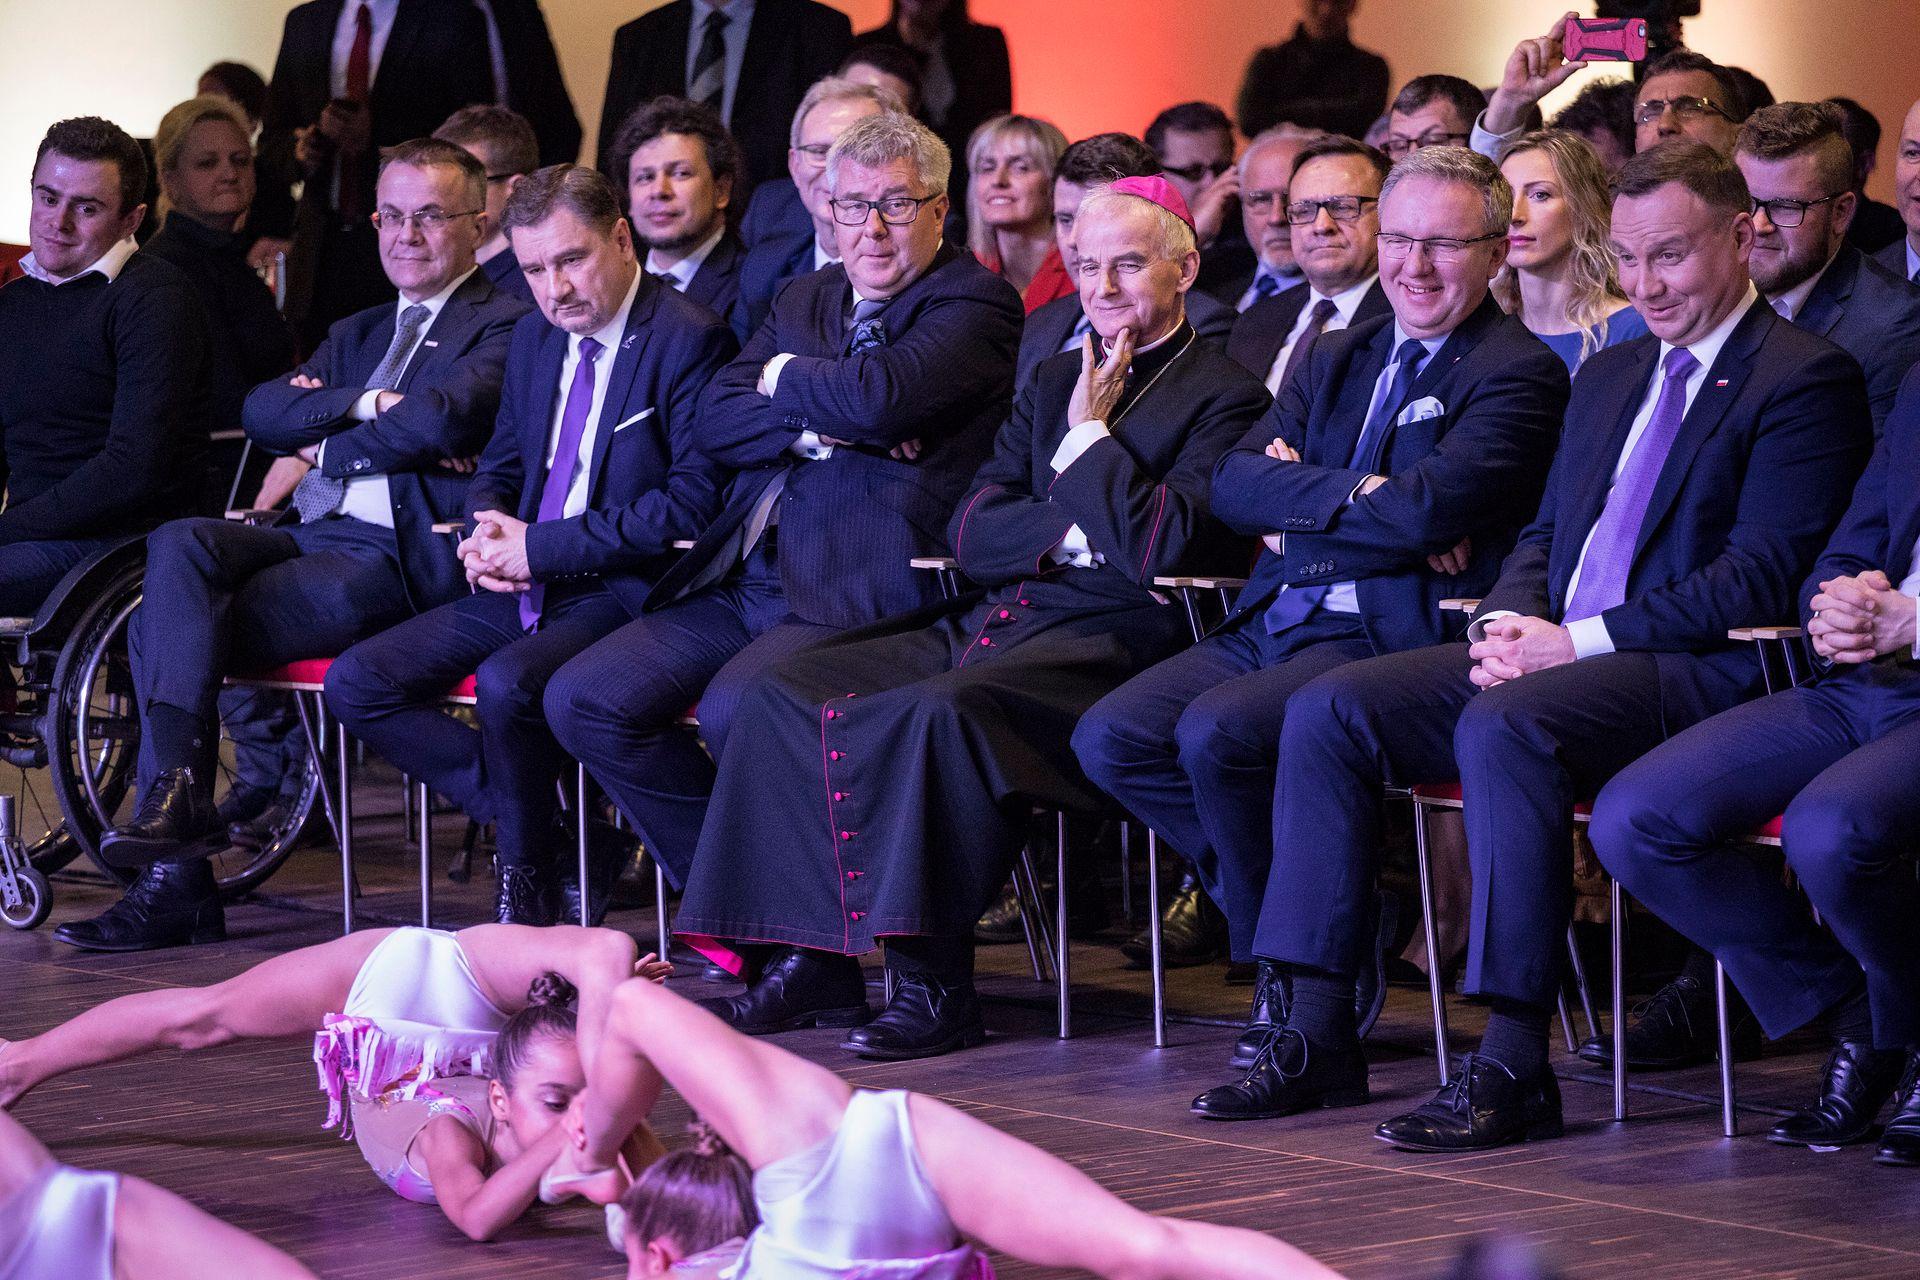 """Występ gimnastyczek przed Andrzejem Dudą to hit internetu. Zorganizowano go w """"nietypowych warunkach"""" - WP Wiadomości"""